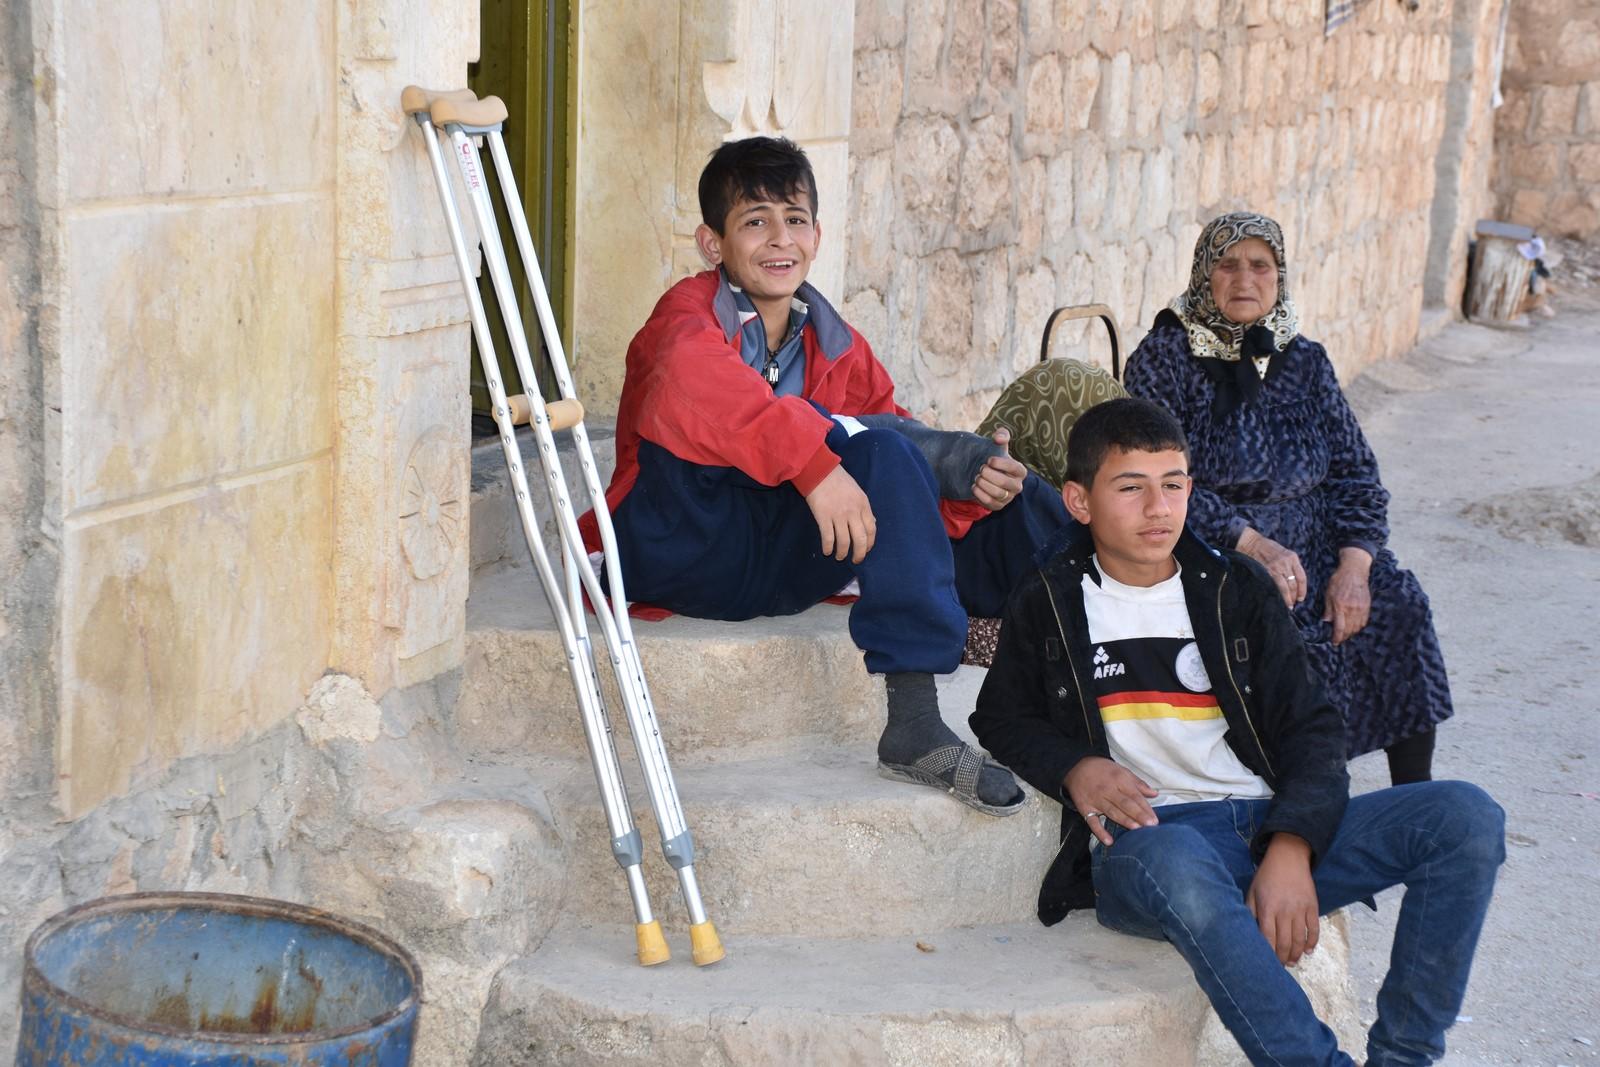 Kalo ailesi işgalcilerin vahşetinin kurbanı oldu